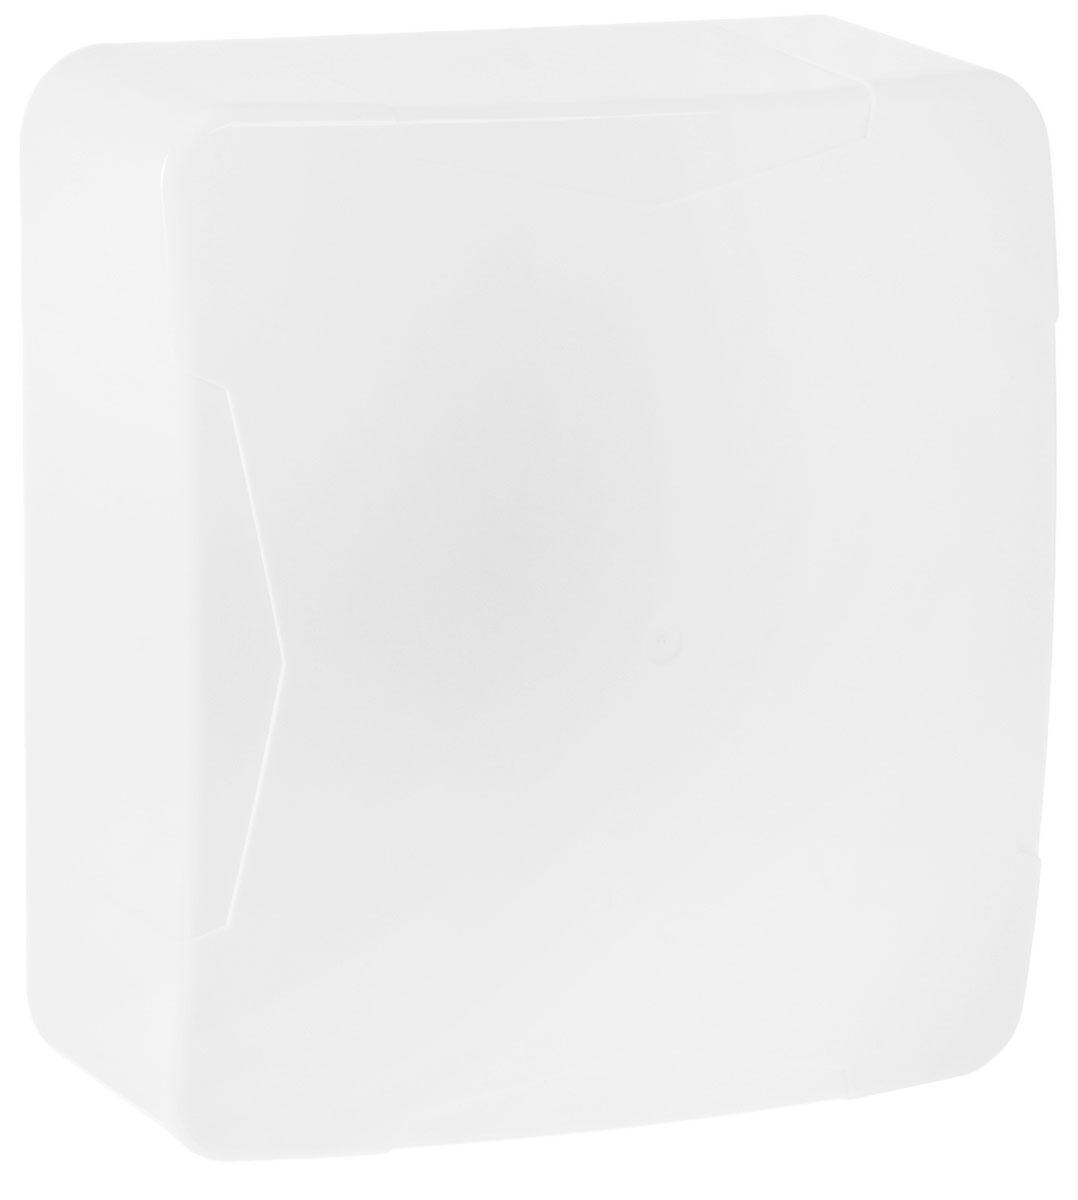 Антэкс 3G/4G Универсал антенна усиления интернет-сигнала с переходником TS9 other el4534 ts9 25dbi 4g 2